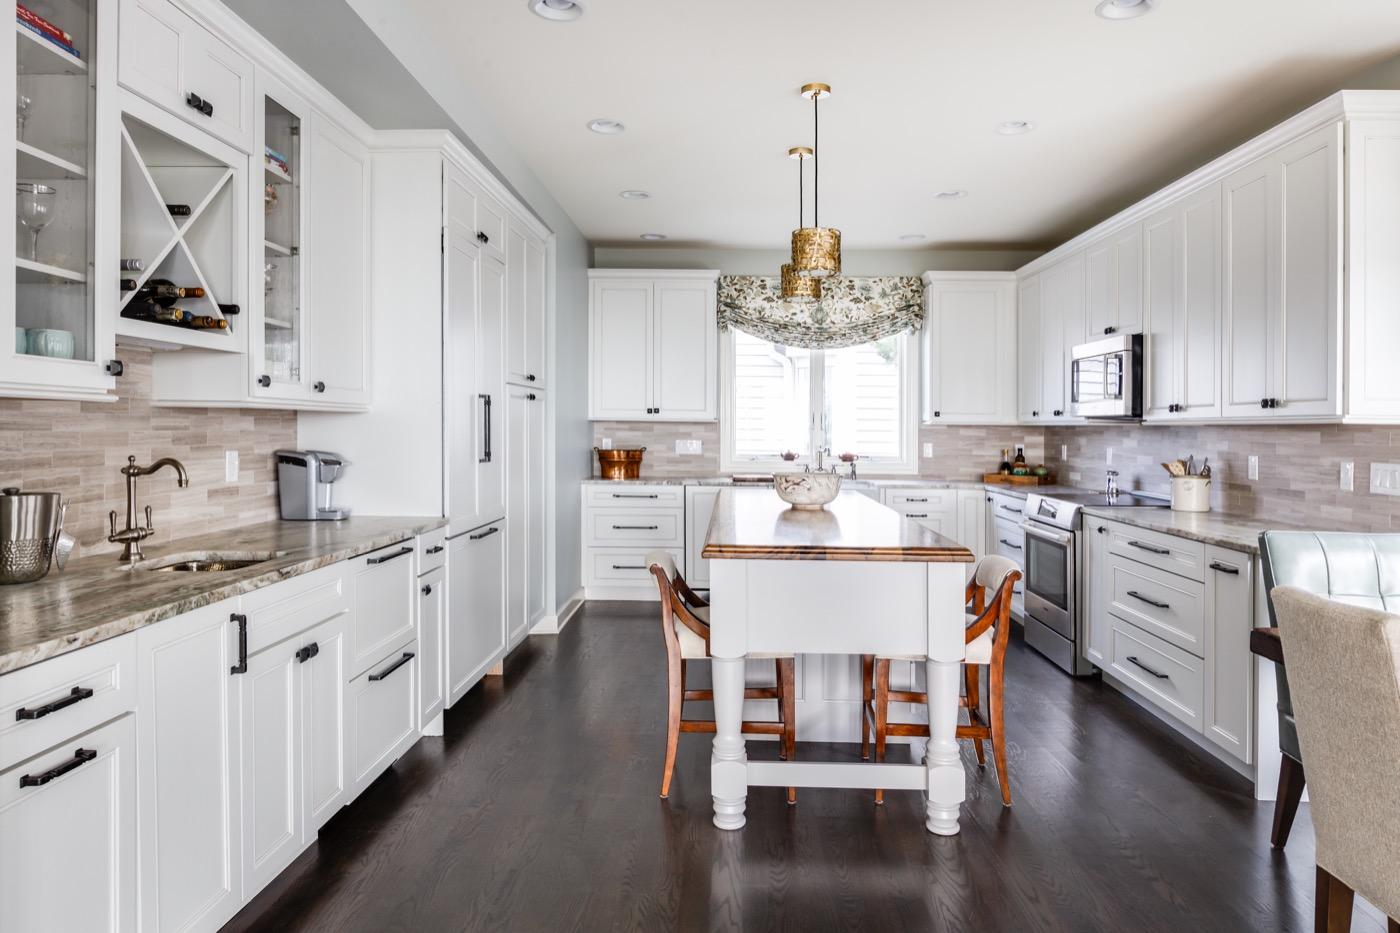 Kitchen Renovation Gallery - Boardwalk Builders